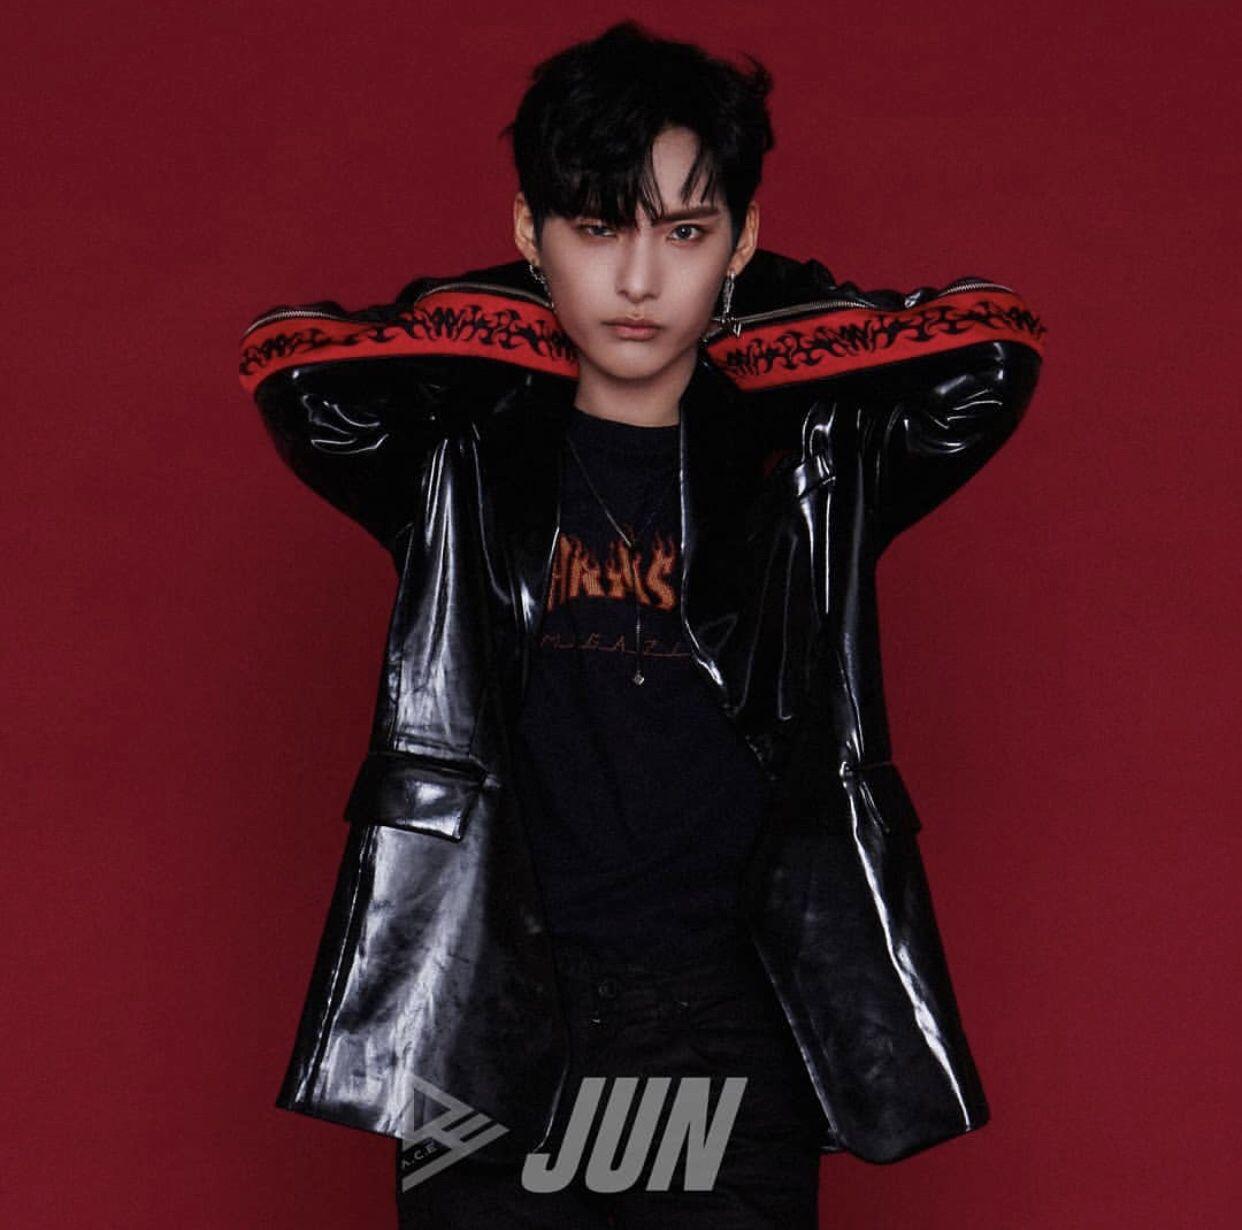 A.C.E Jun undercover concept photo 2 | Kpop guys, Ace, Fashion